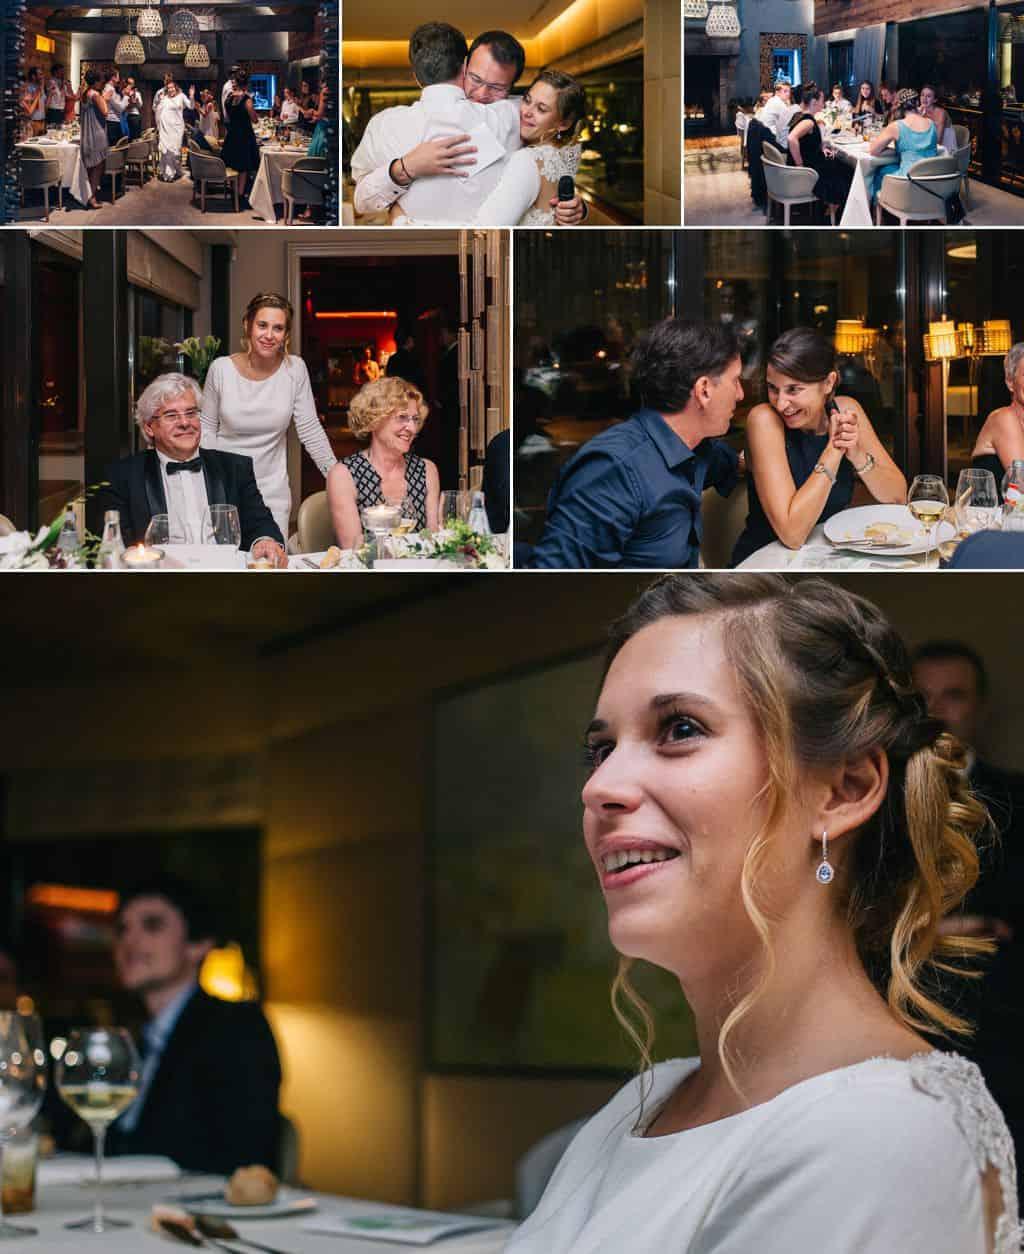 La soirée et les discours plein d'emotion au mariage